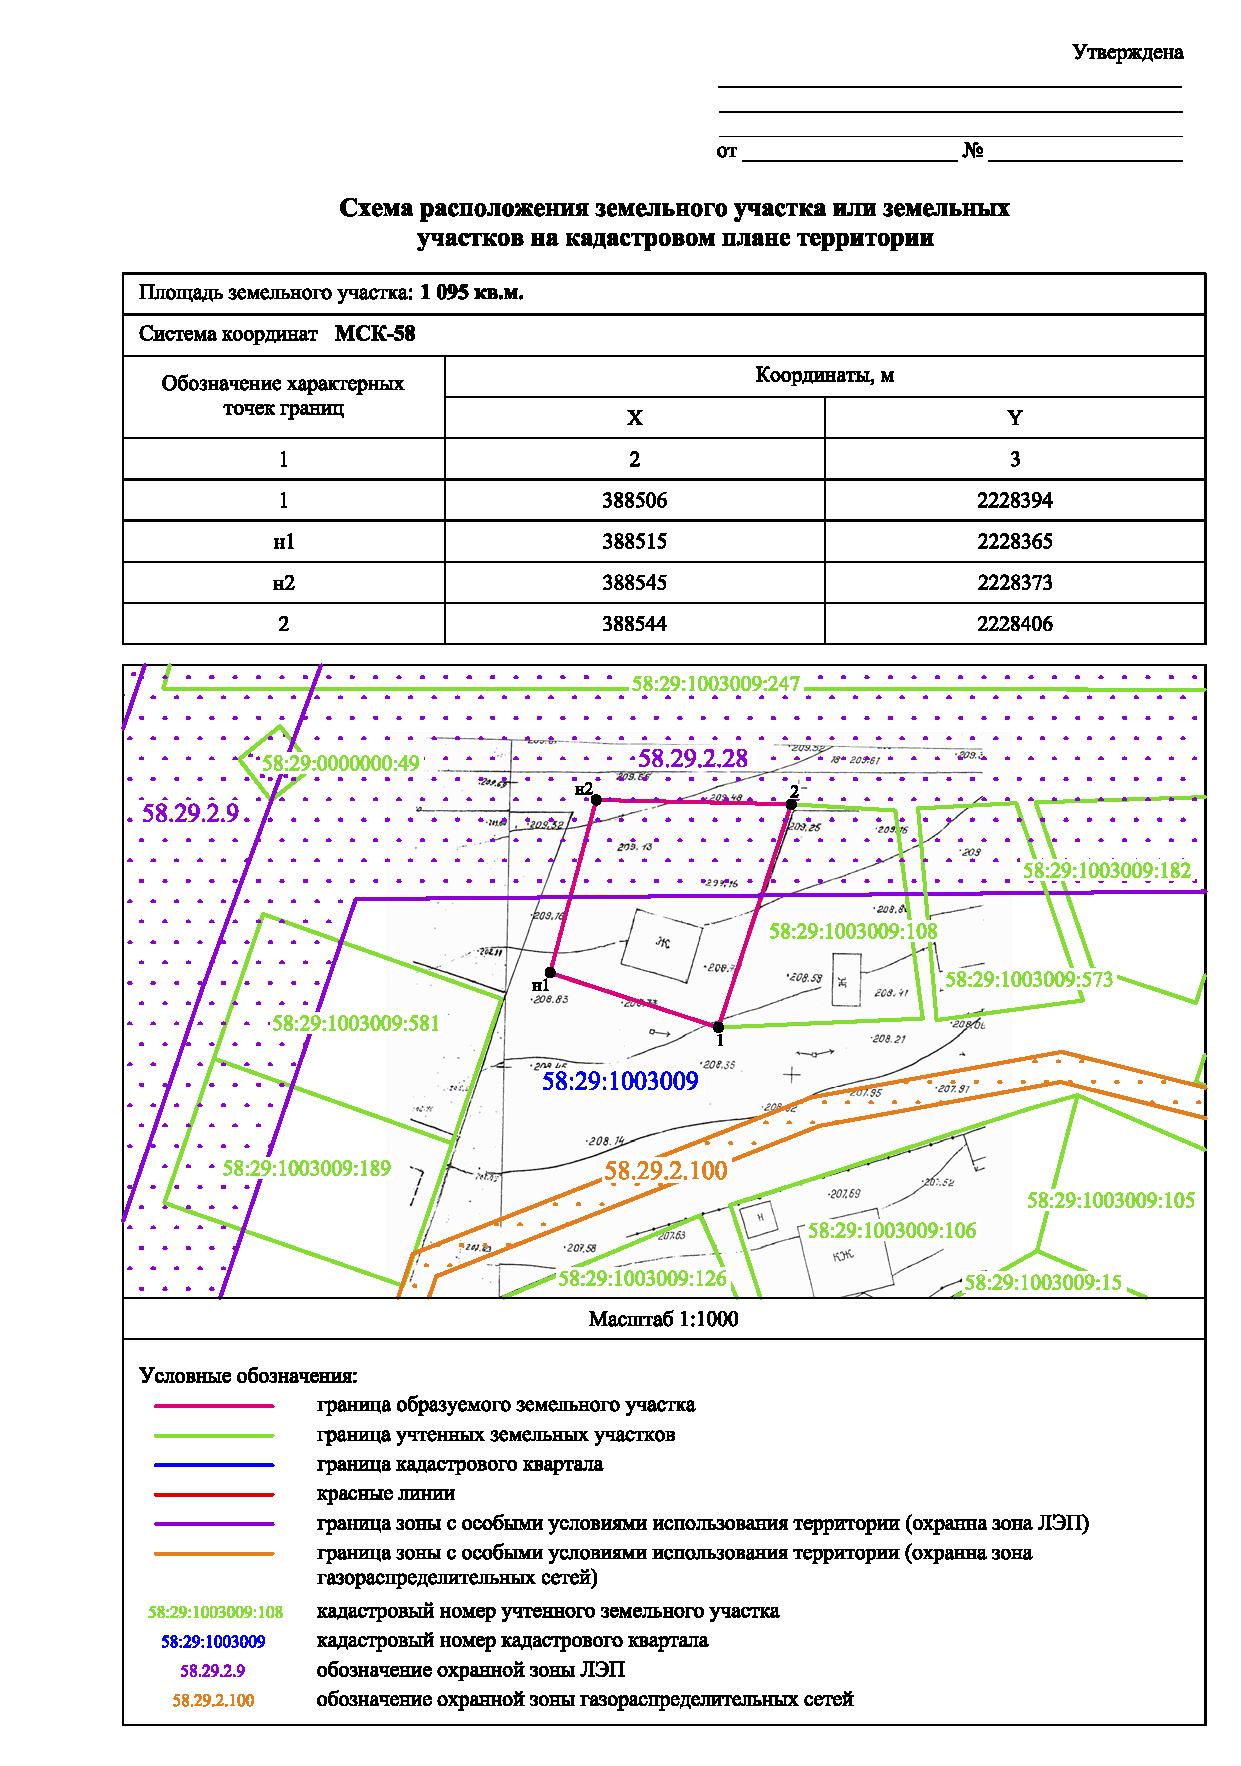 Положения Земельного кодекса по перераспределению земельных участков в 2019 году